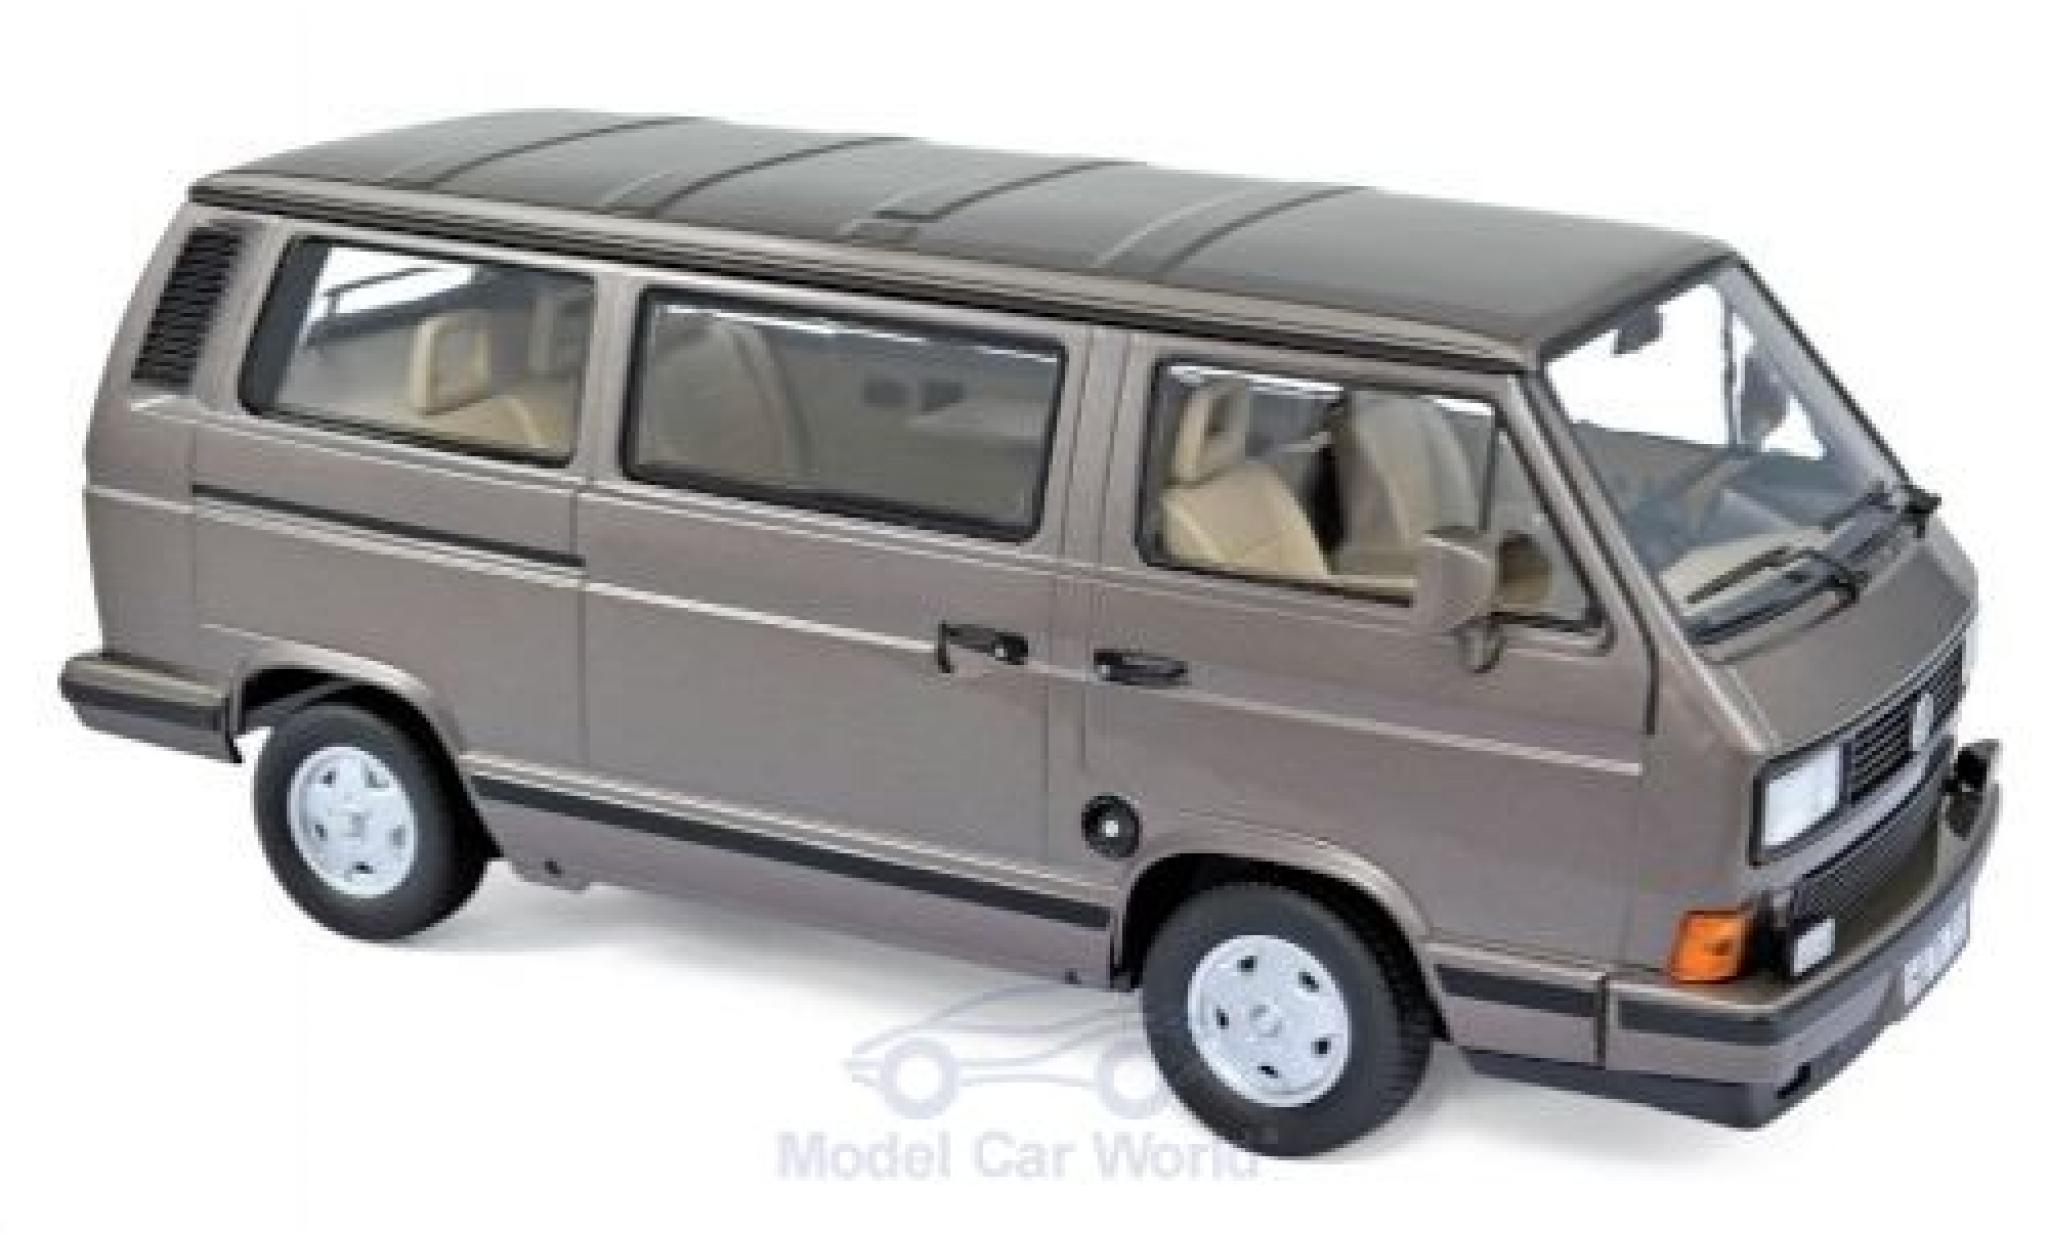 Volkswagen T3 Multivan Minibus 1990 Bronze Met NOREV 1:18 NV188543 Model